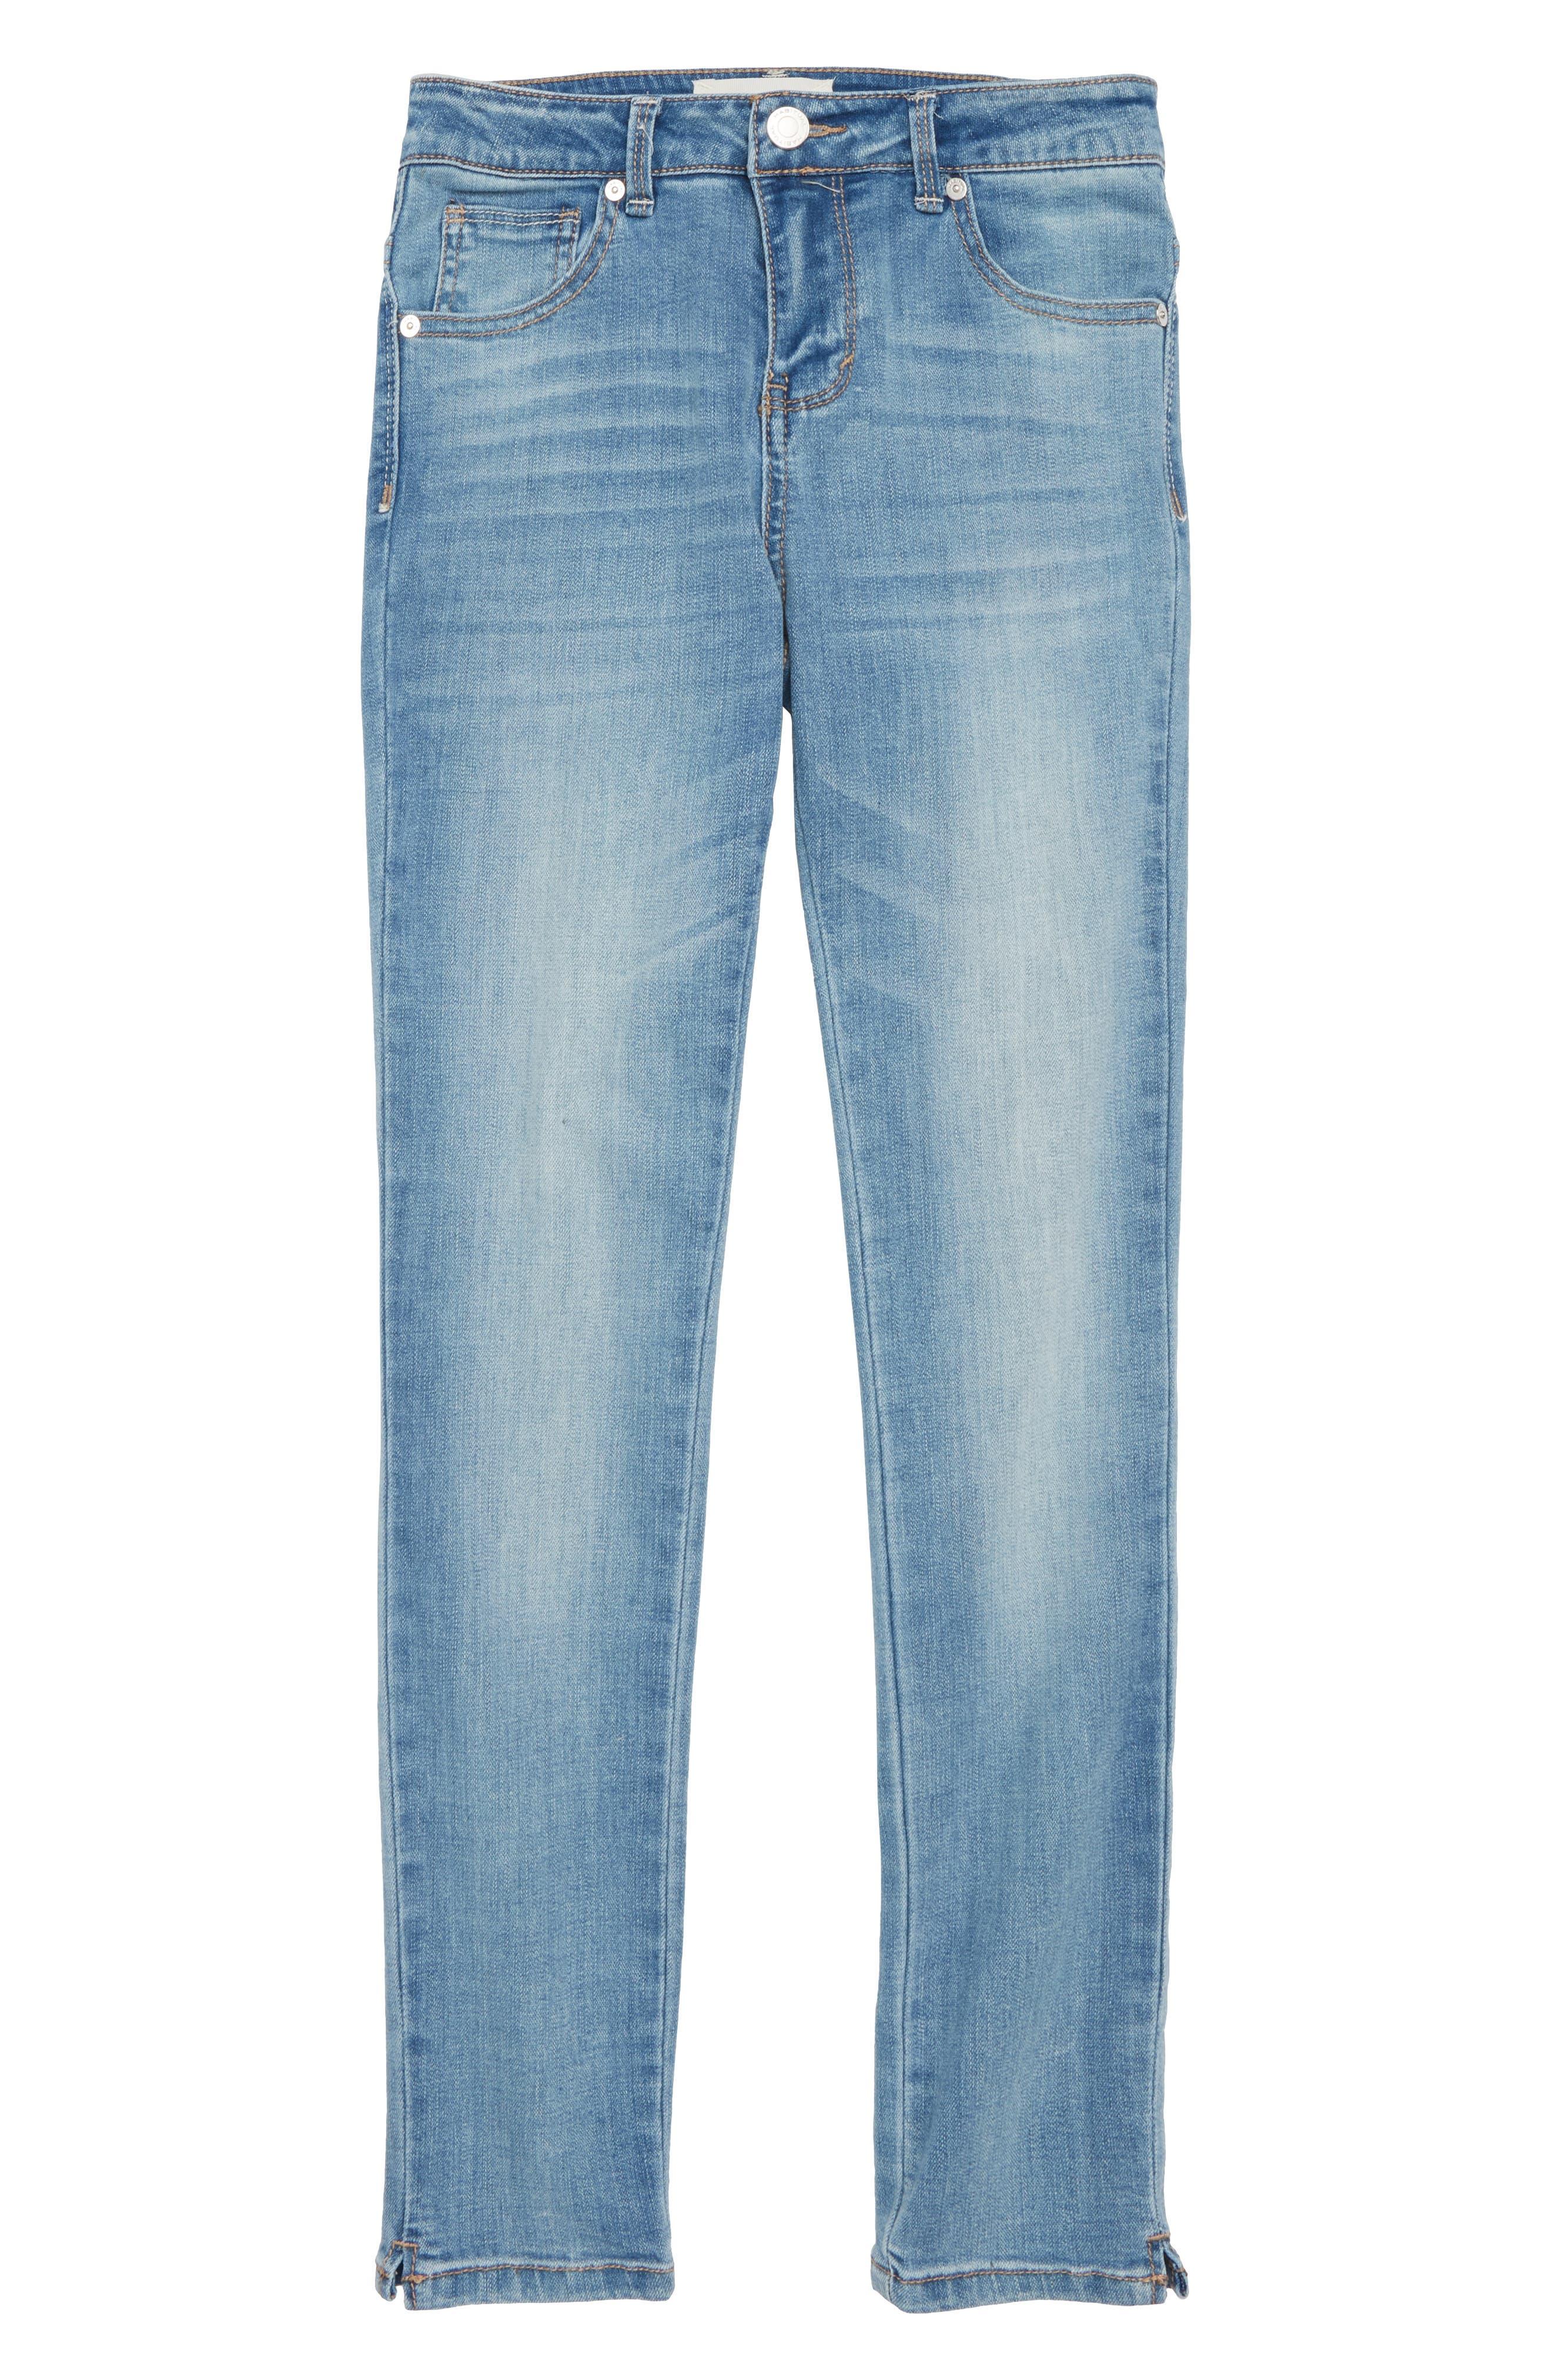 Skinny Jeans,                             Main thumbnail 1, color,                             Light Stone